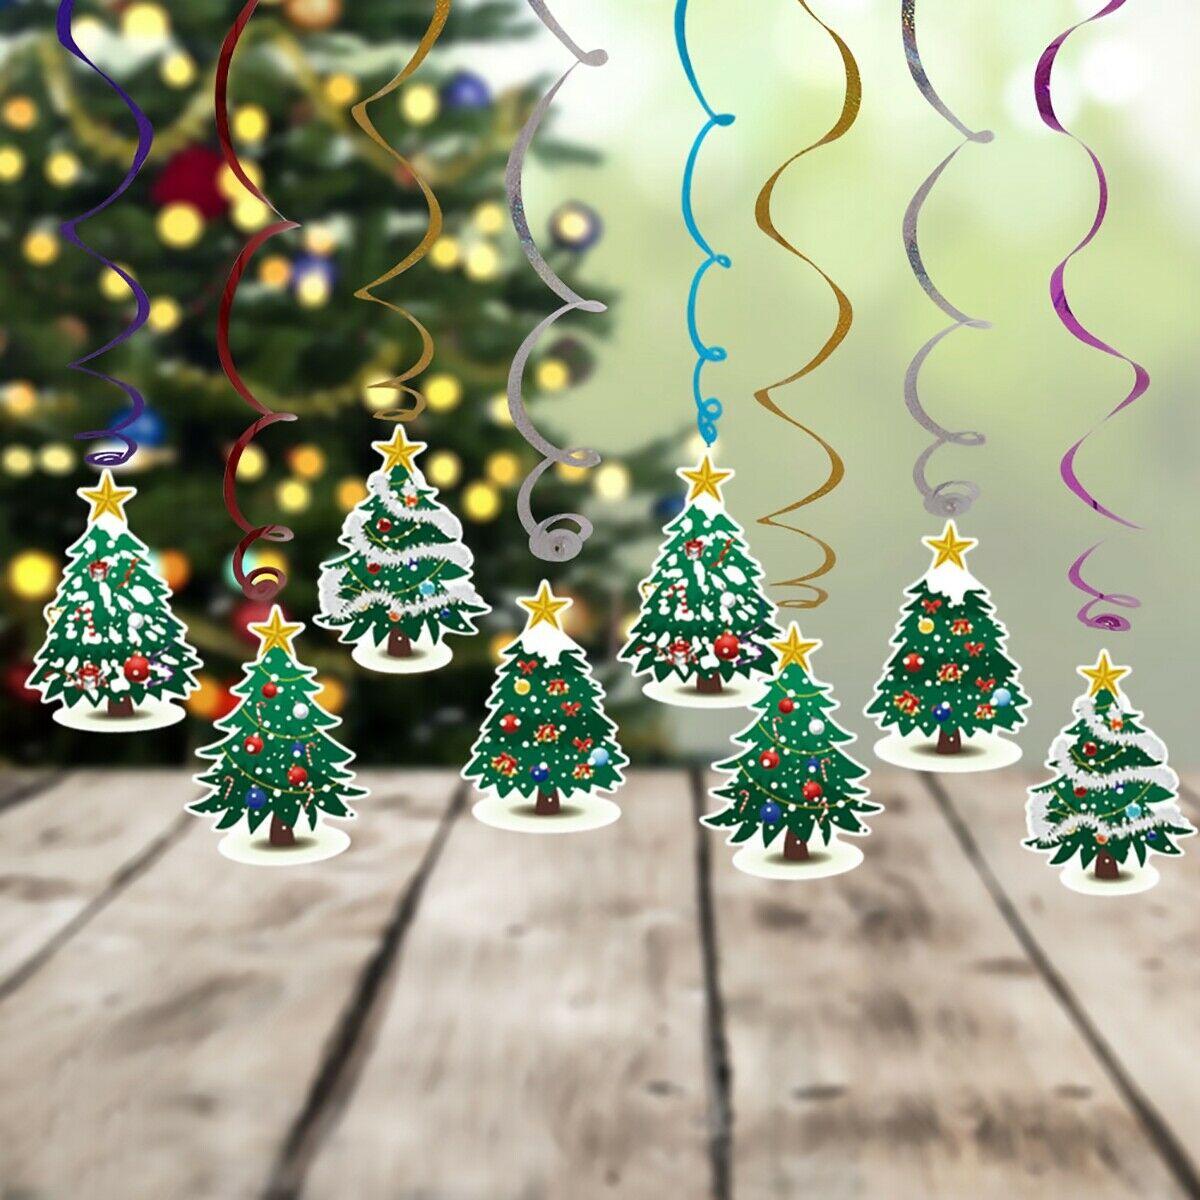 decorazioni-natalizie-carta-alberelli-pendenti